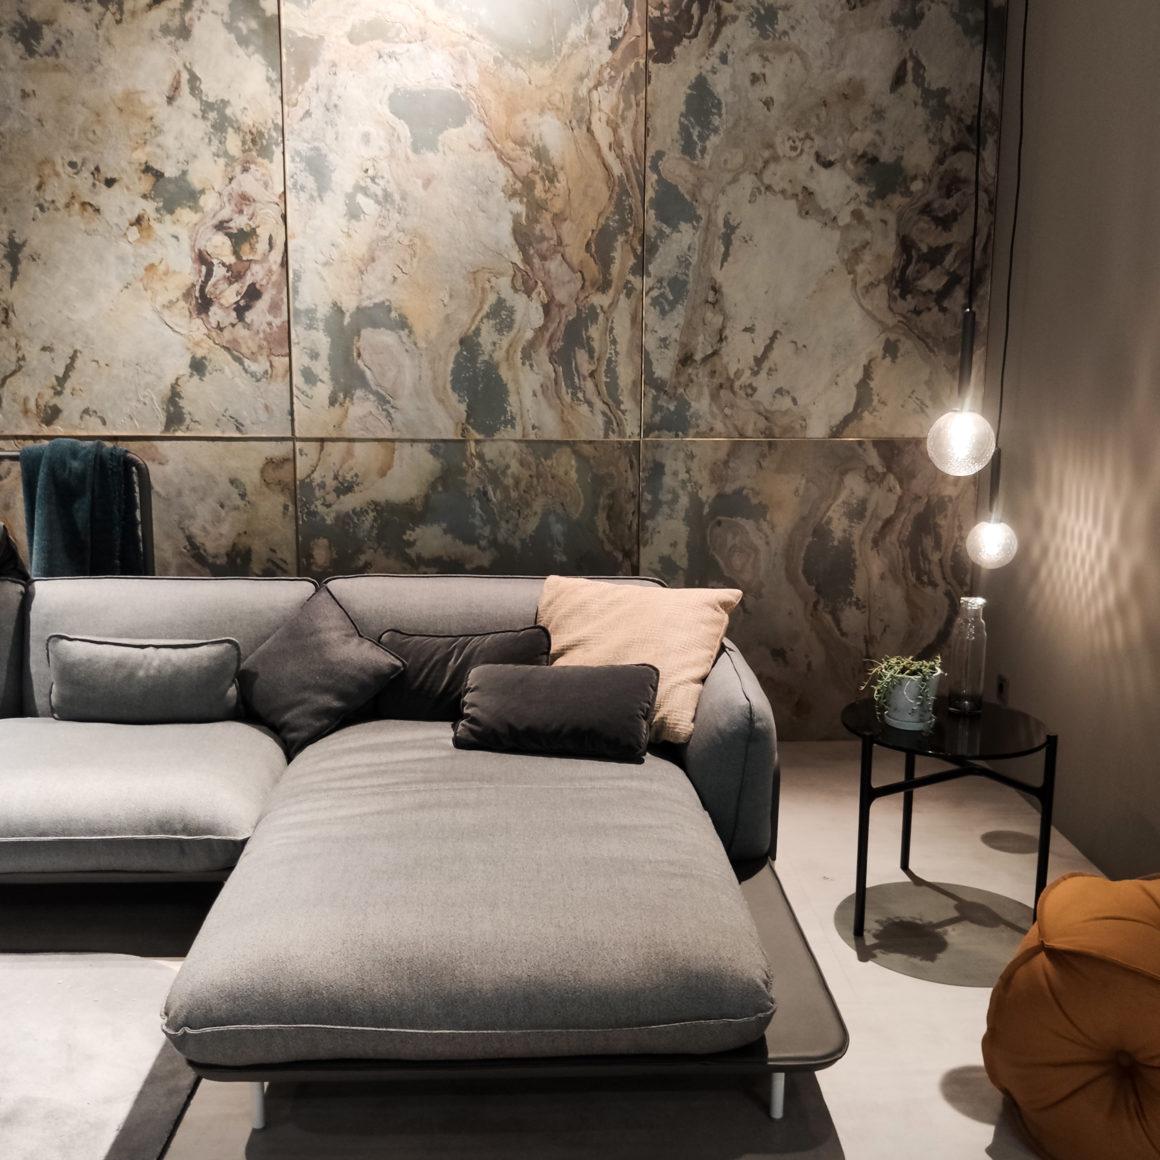 Deutsche Sofa Hersteller: 5 Marken im Kurzportrait